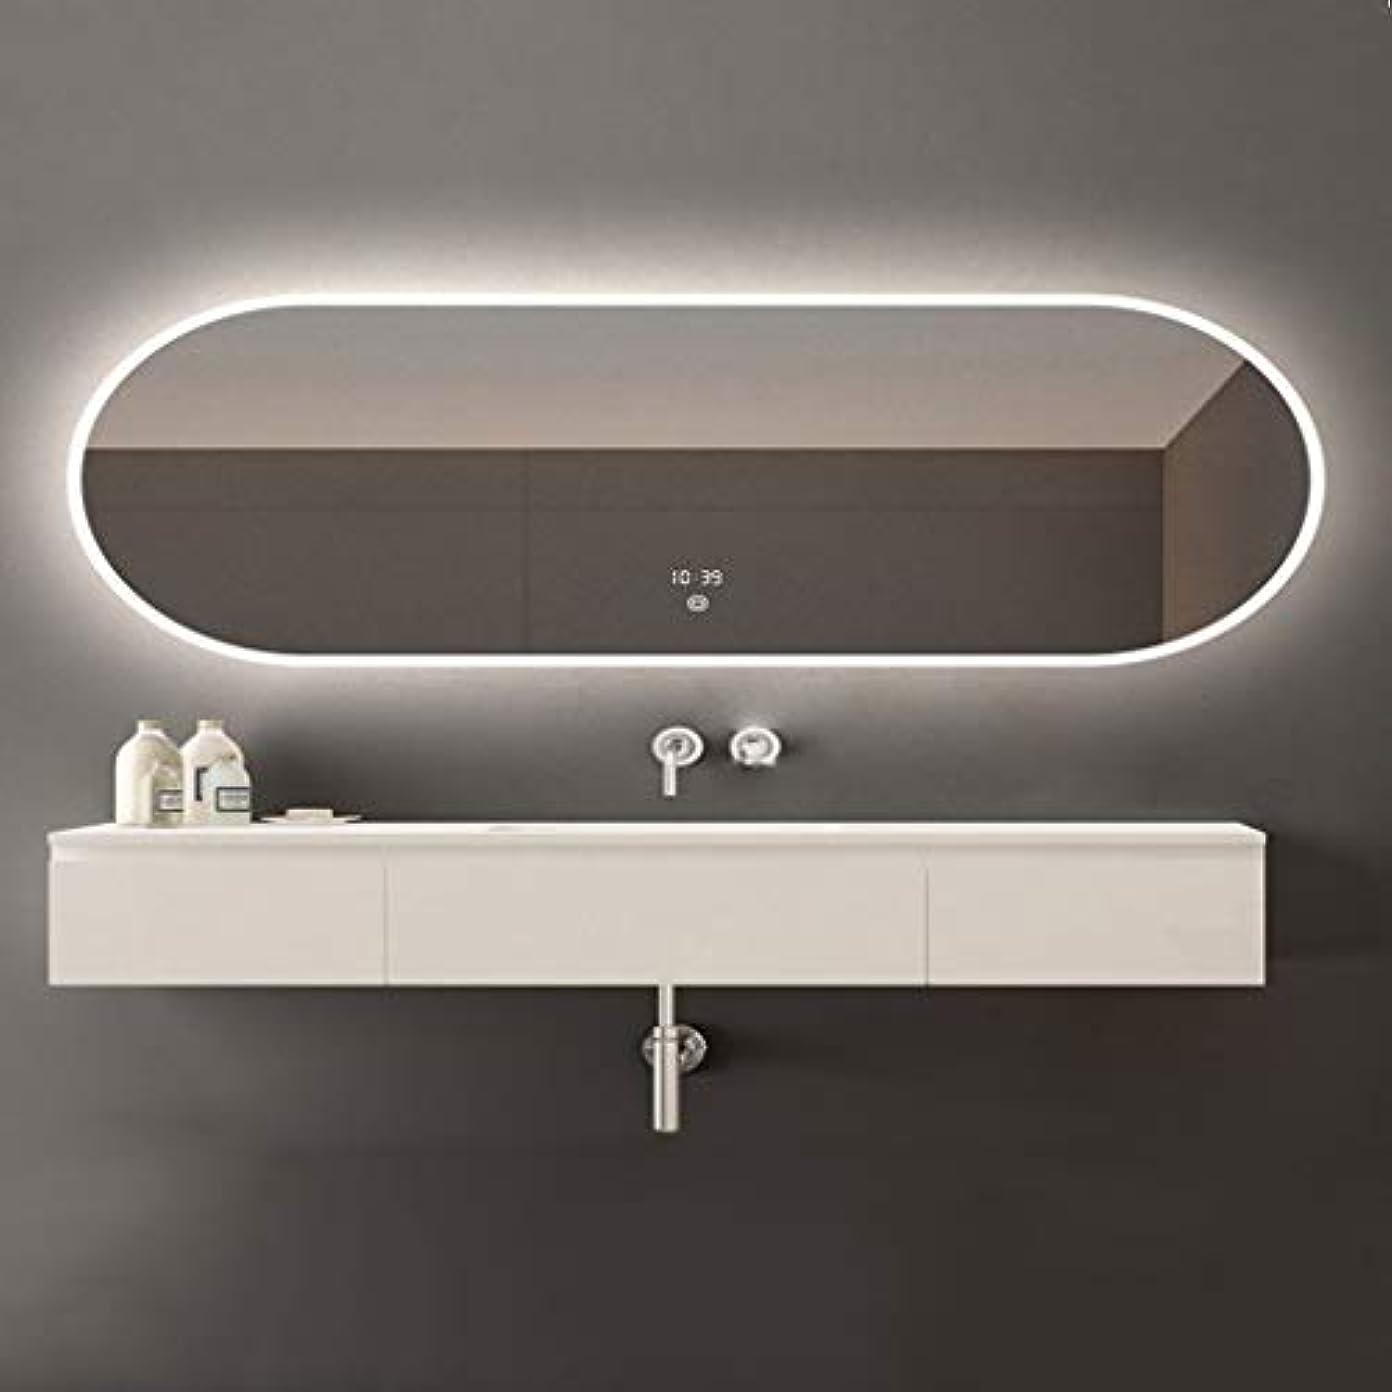 アセ準拠お尻SWNE LED照明付き浴室壁掛けミラー+防曇+調光対応タッチボタン+ IP44防水、化粧用化粧化粧品または剃毛、防爆